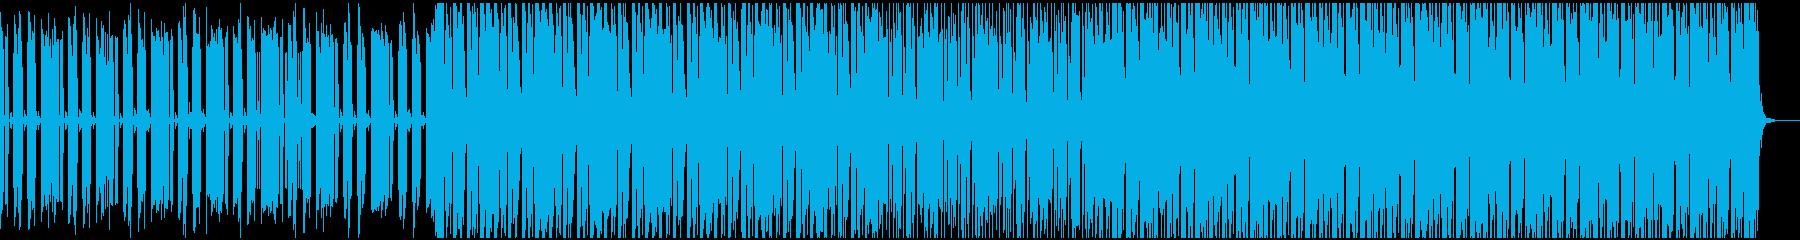 アンダーグラウンドな怪しさを持ったテクノの再生済みの波形